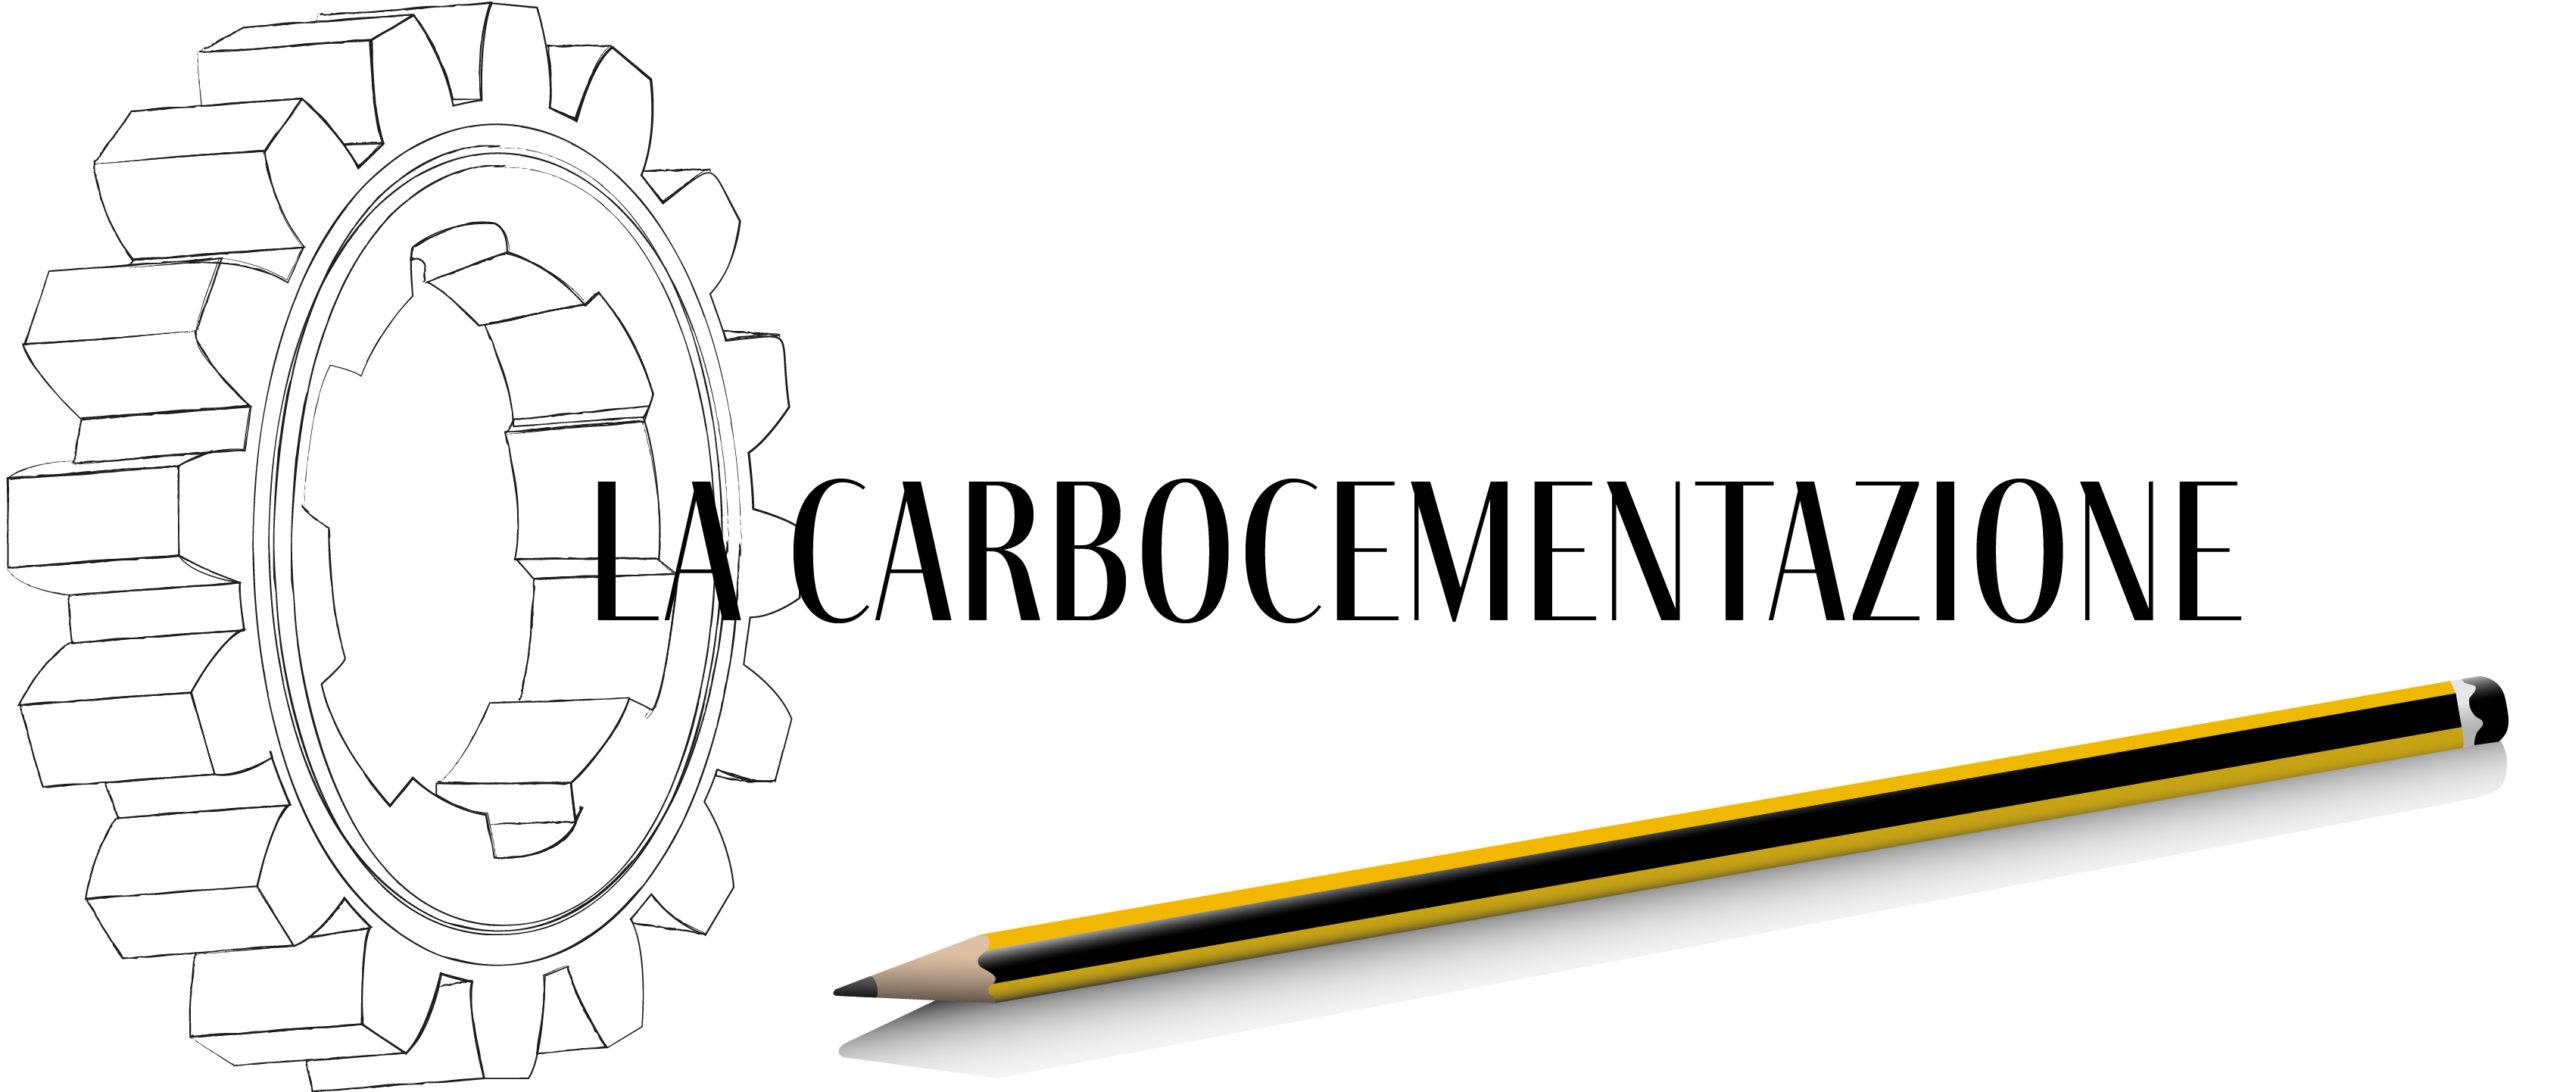 trattamento termochimico carbocementazione